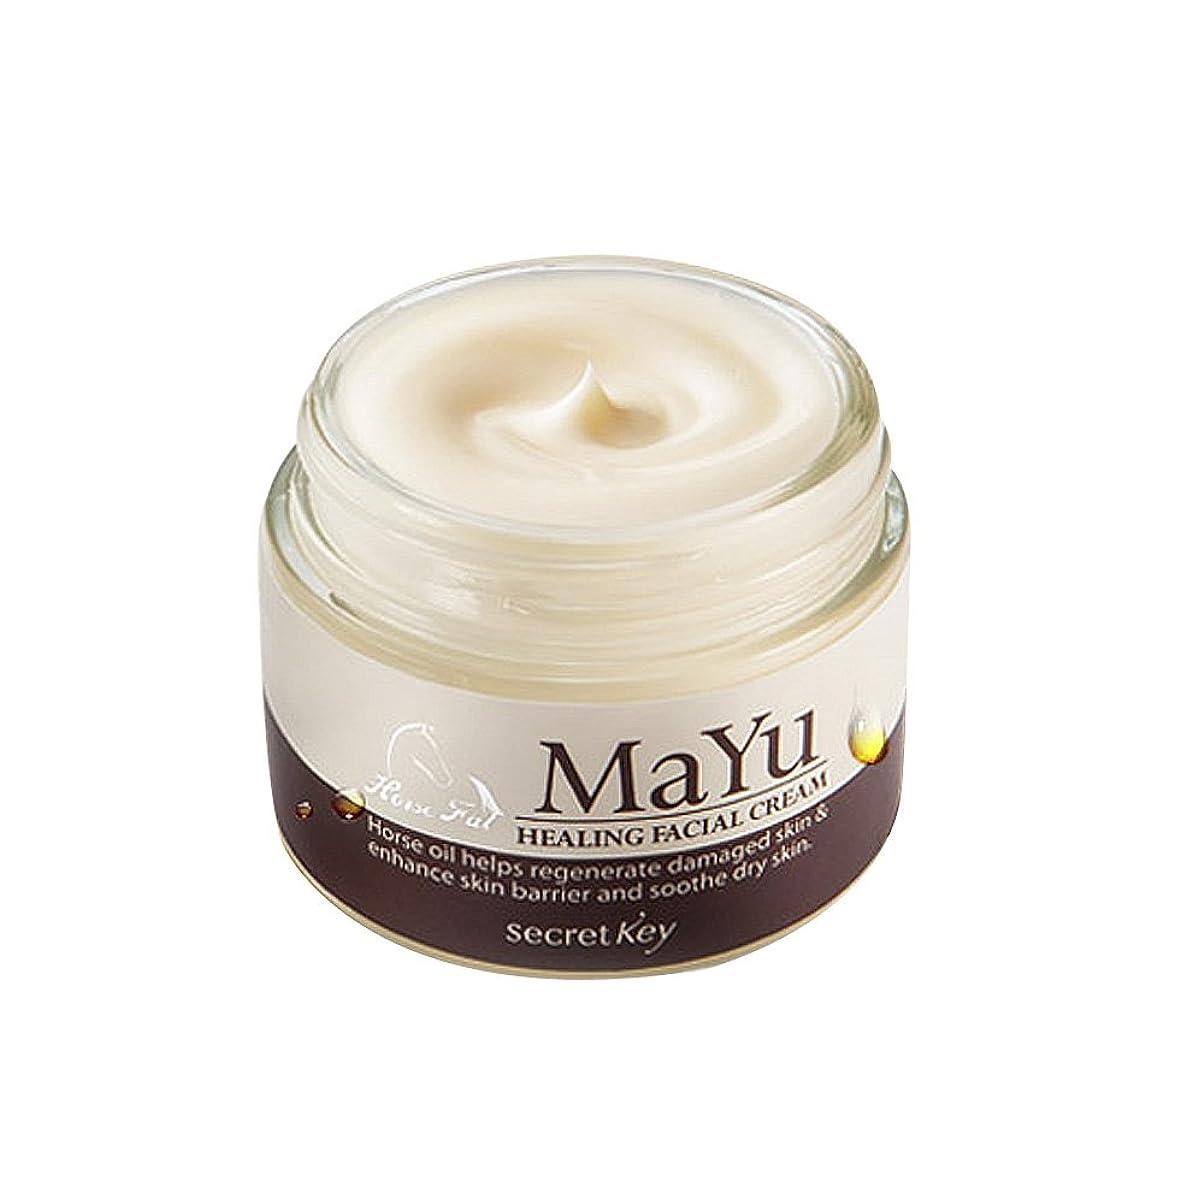 鳴り響く征服ハンバーガー[シークレットキー]Secretkey 馬油ヒーリングフェイシャルクリーム70g 海外直送品 Mayu Healing Facial Cream 70g